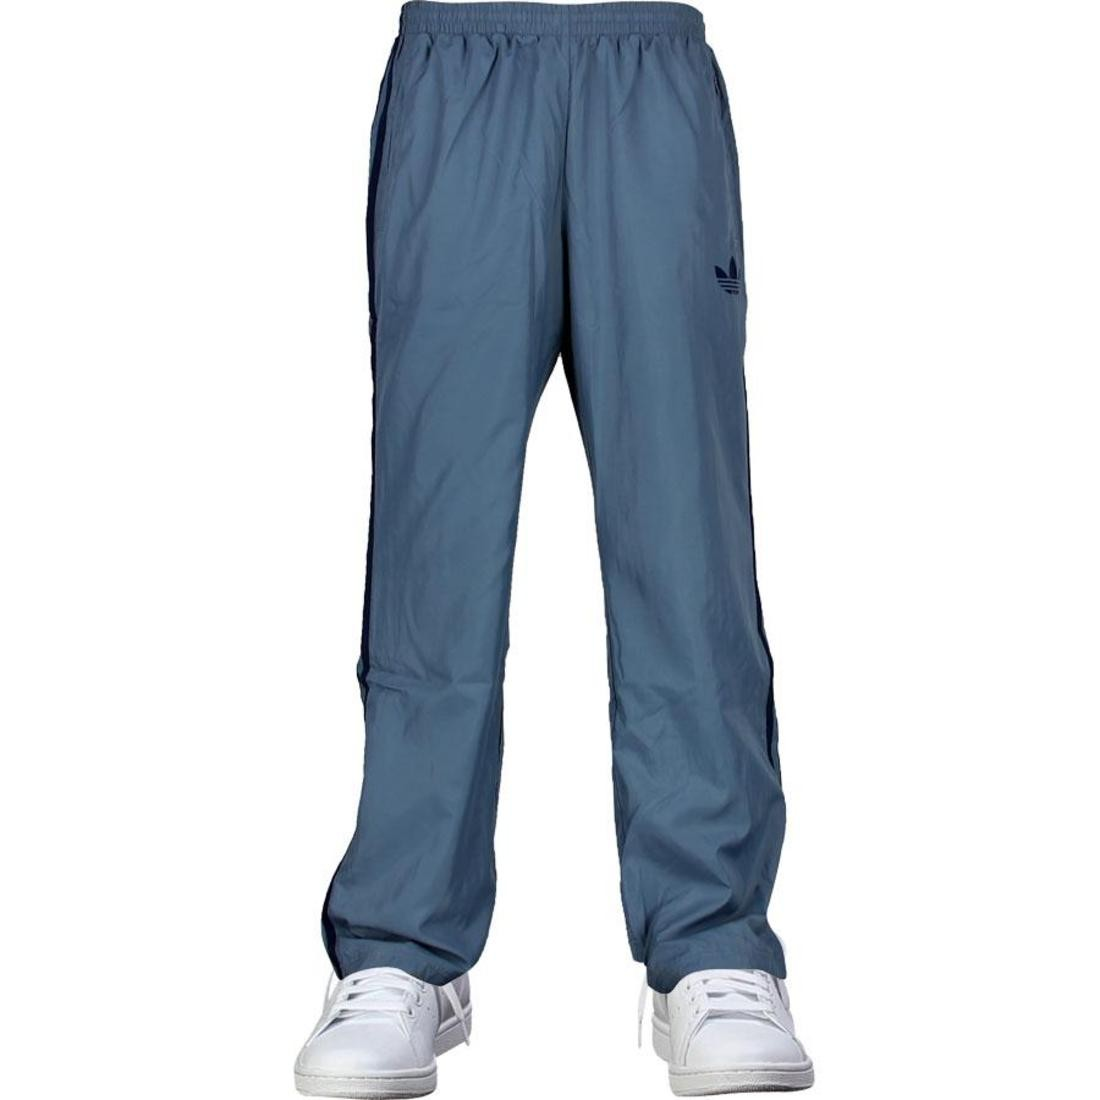 アディダス adidas nylon fb track pants slate new navy トラック パンツ ナイロン ニュー ユニセックスウエア レディースファッション